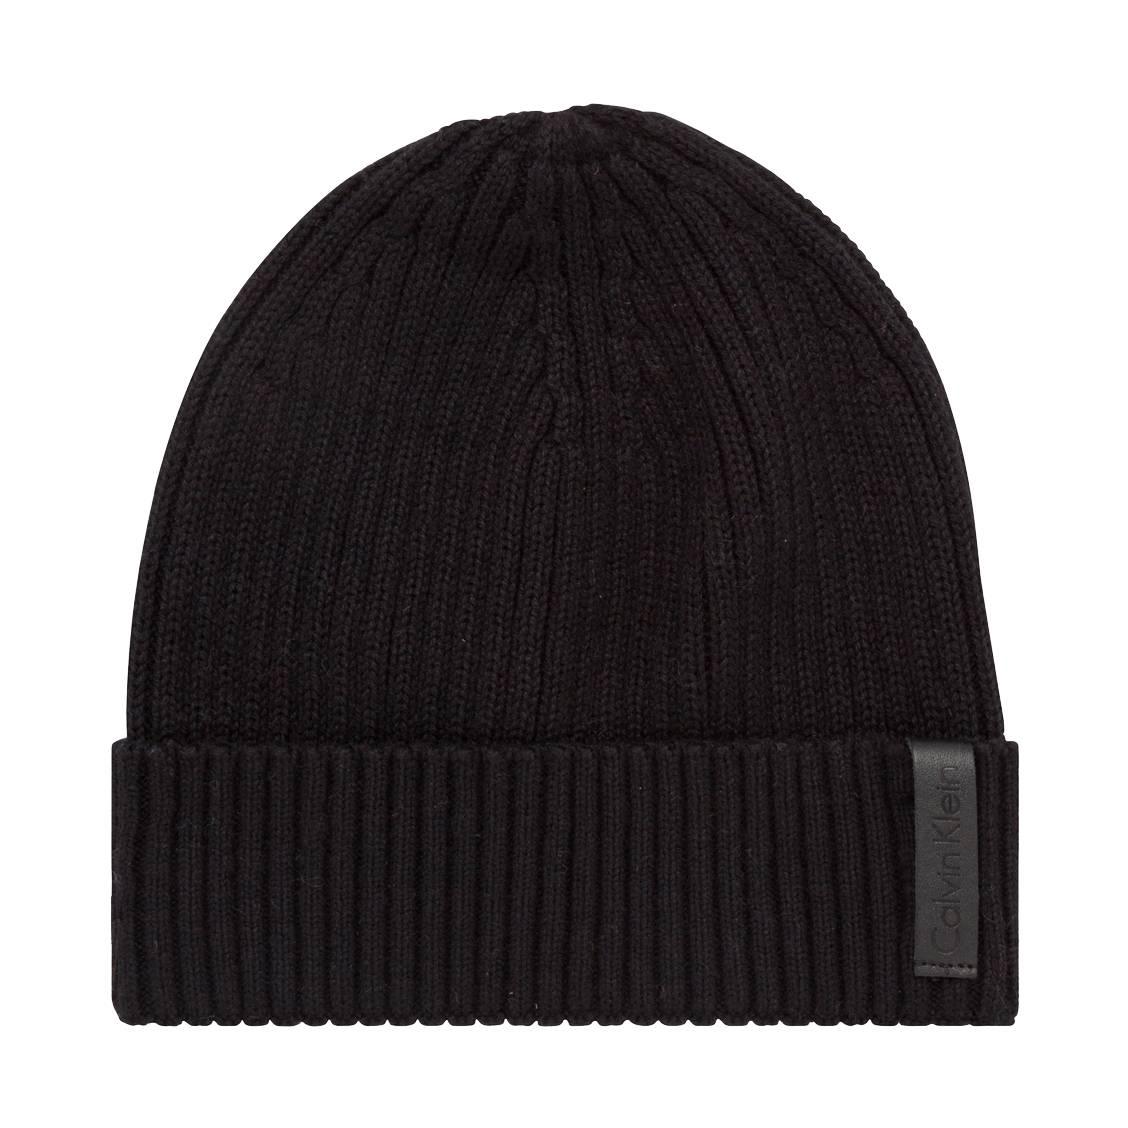 Bonnet  octave en coton et cachemire noir